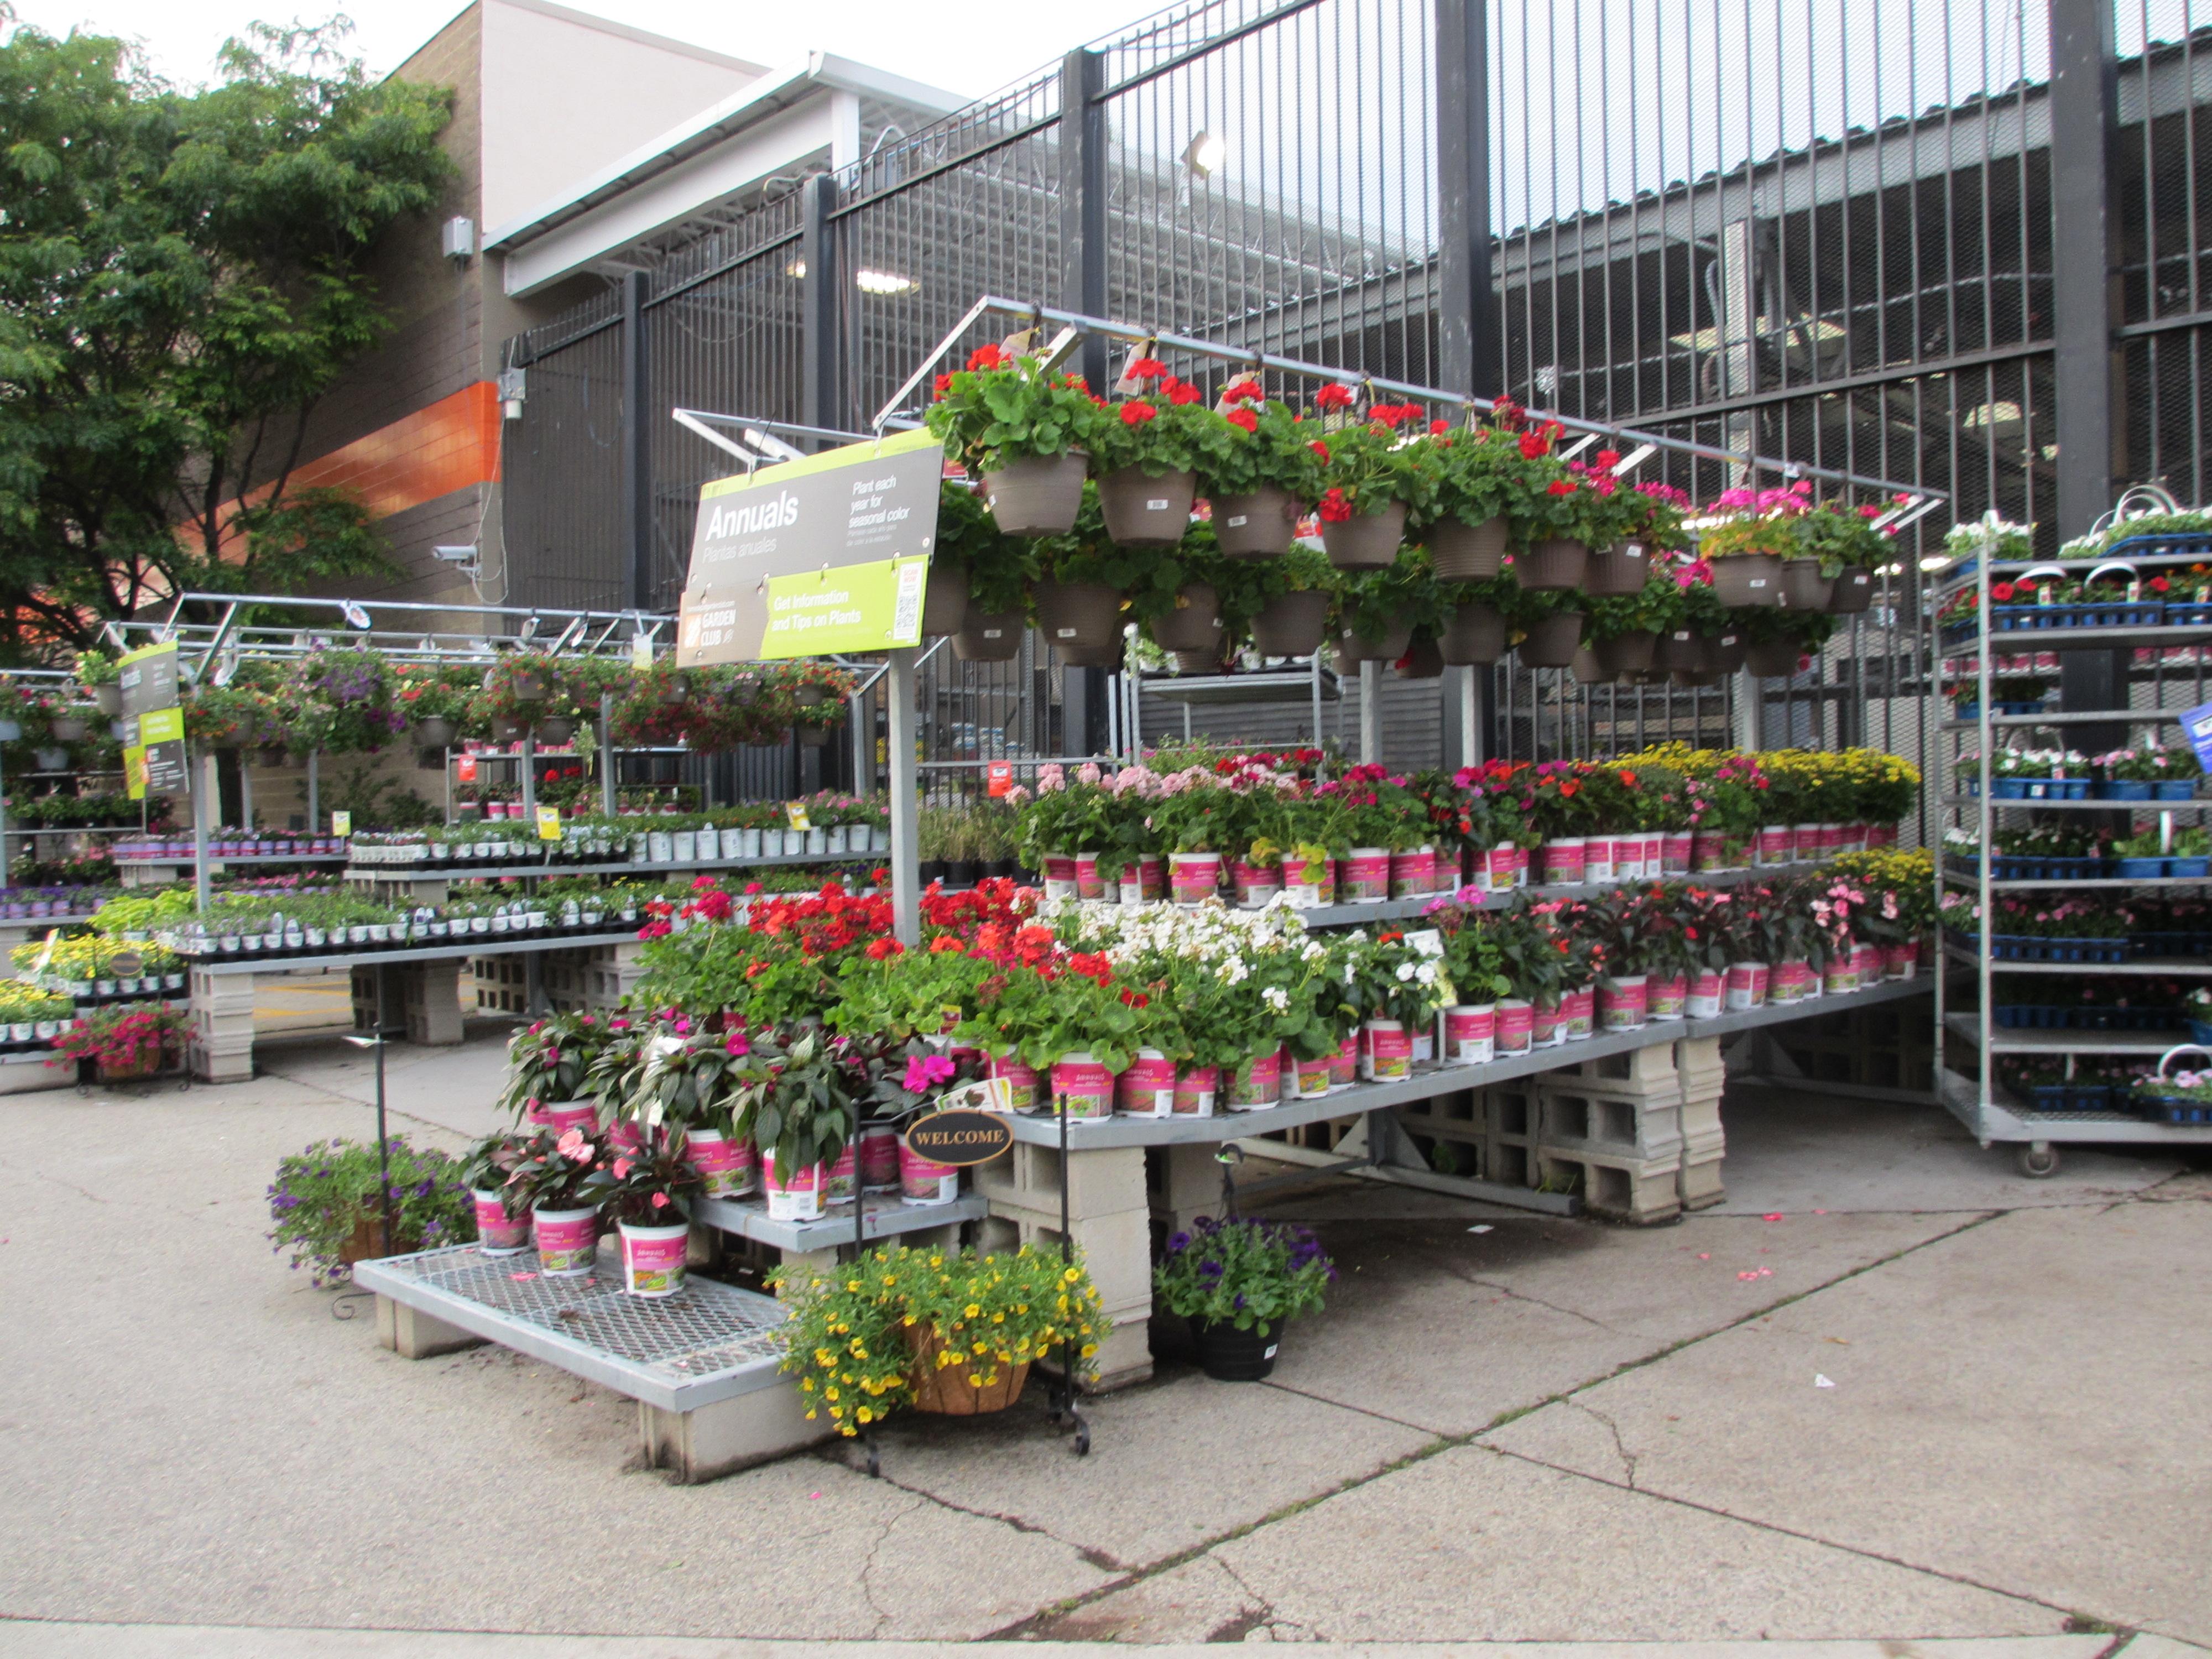 Garden Centre: My Urban Garden In The City